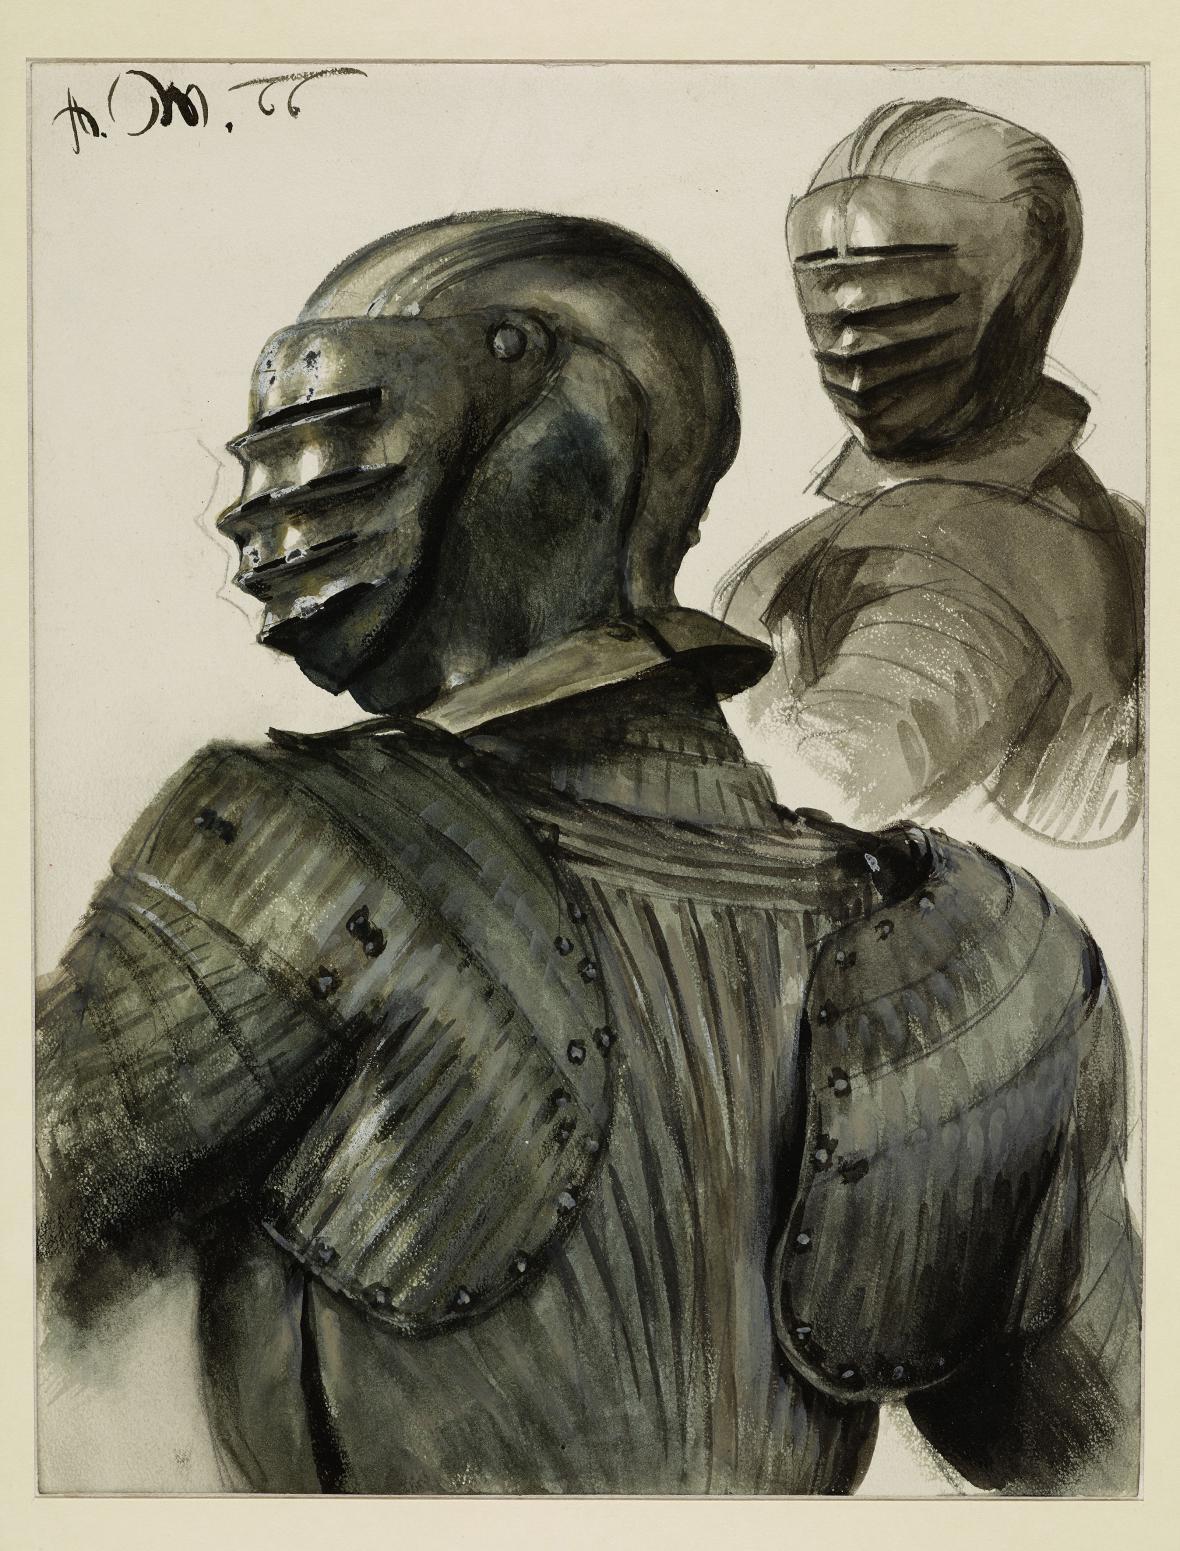 Adolph Menzel / Dvě brnění, 1866